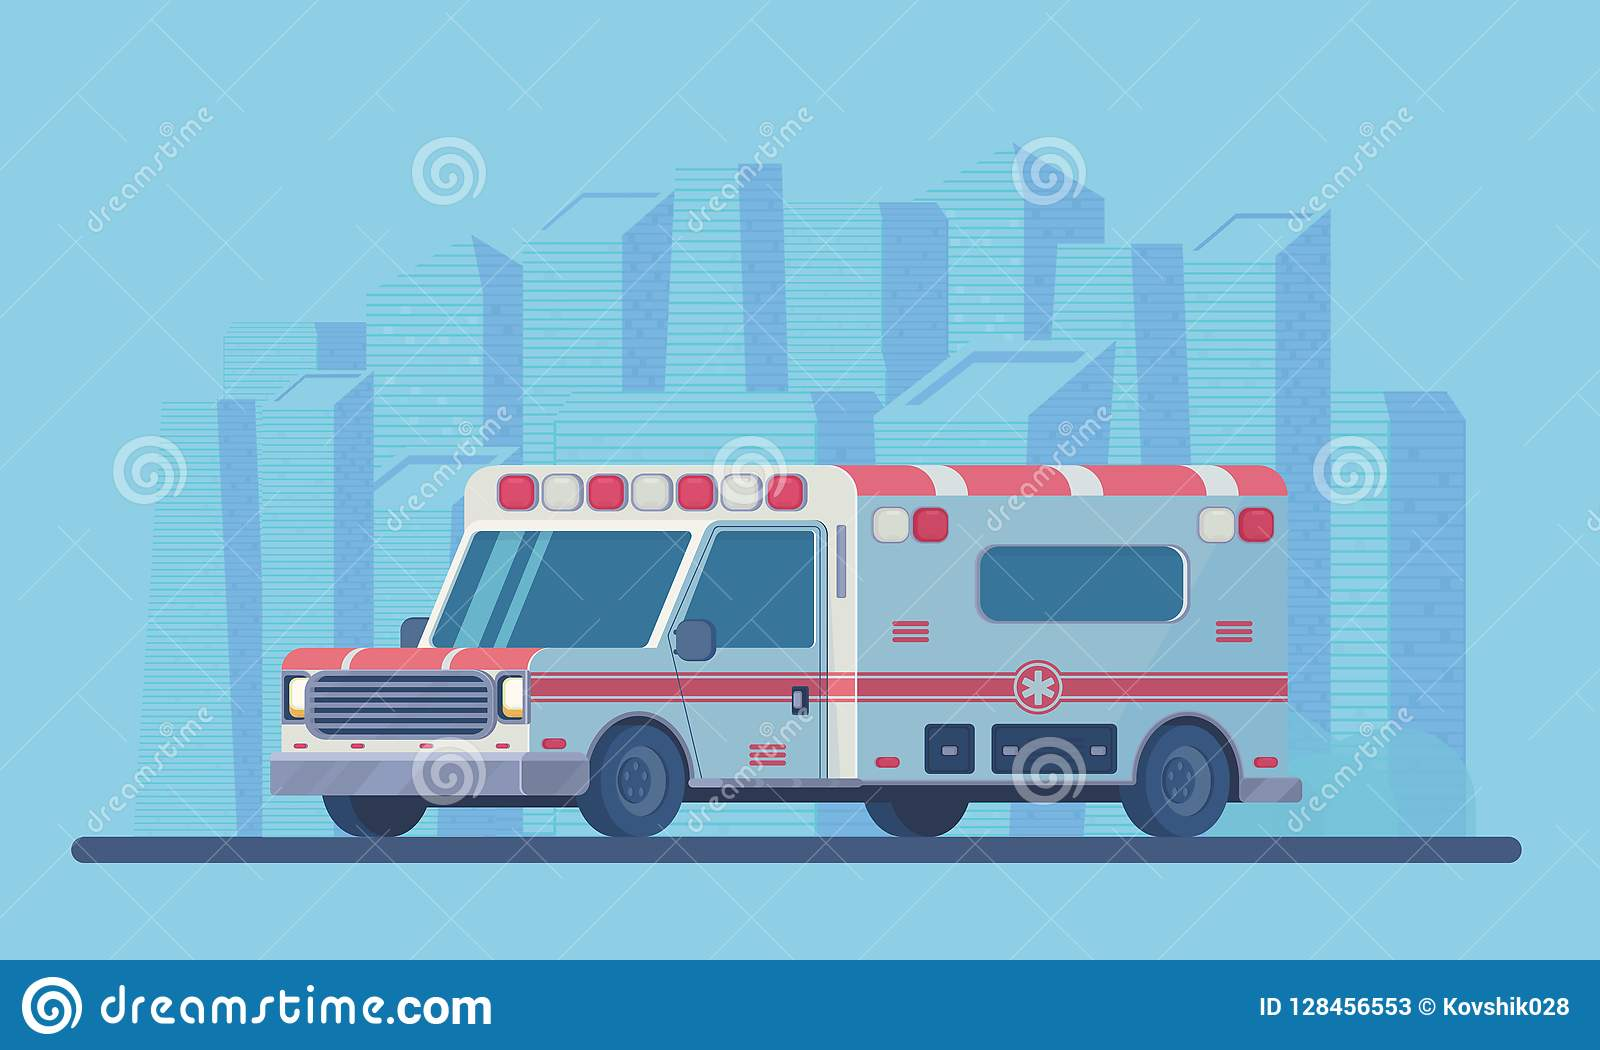 Carro da ambulância com paisagem do scyscraper da cidade Veículo médico dos primeiros socorros Estilo liso do vetor